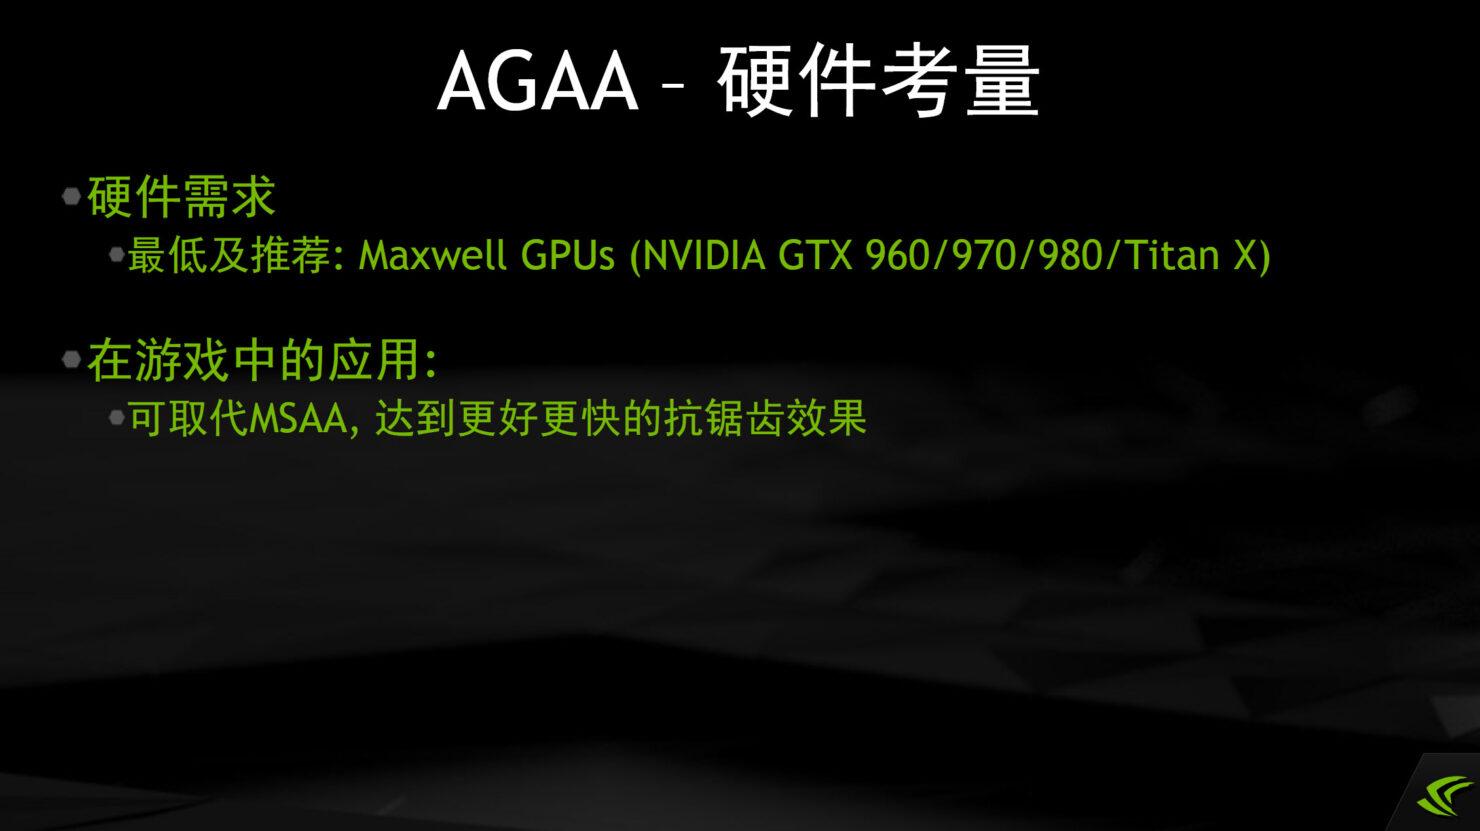 nvidia-directx-12_agaa